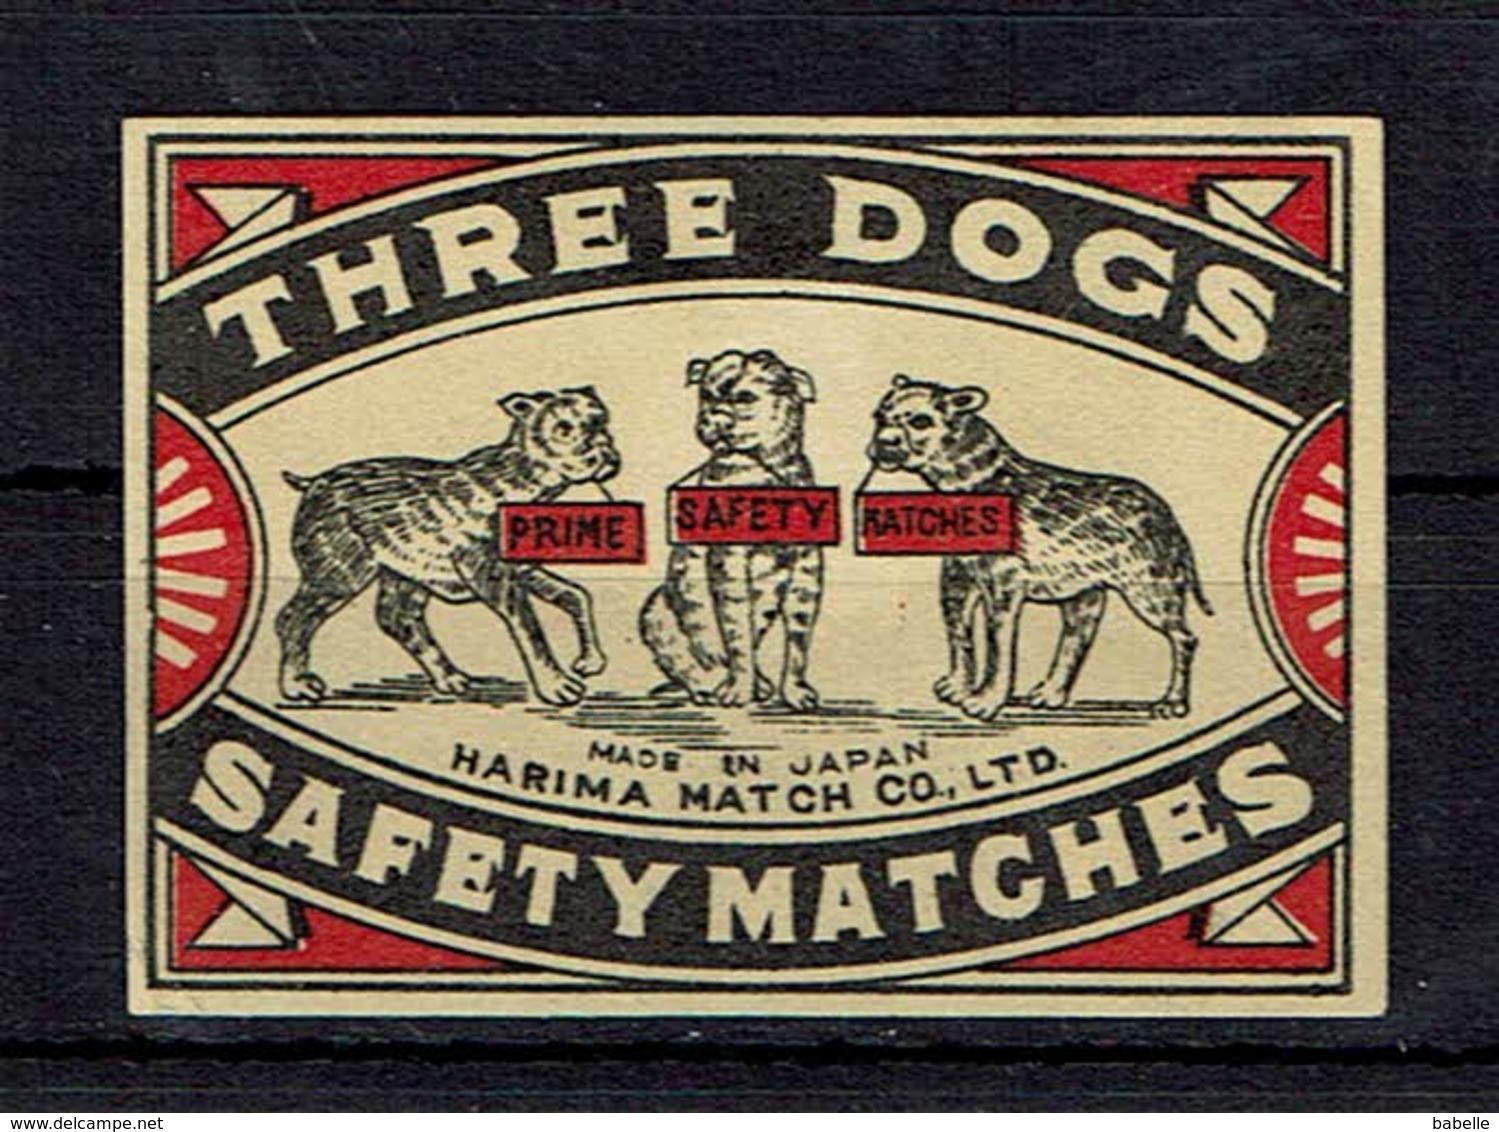 ROYAUME UNI - 2 ét. Allumettes The Unique SAFETY MATCHES & Three Dogs - Boites D'allumettes - Etiquettes